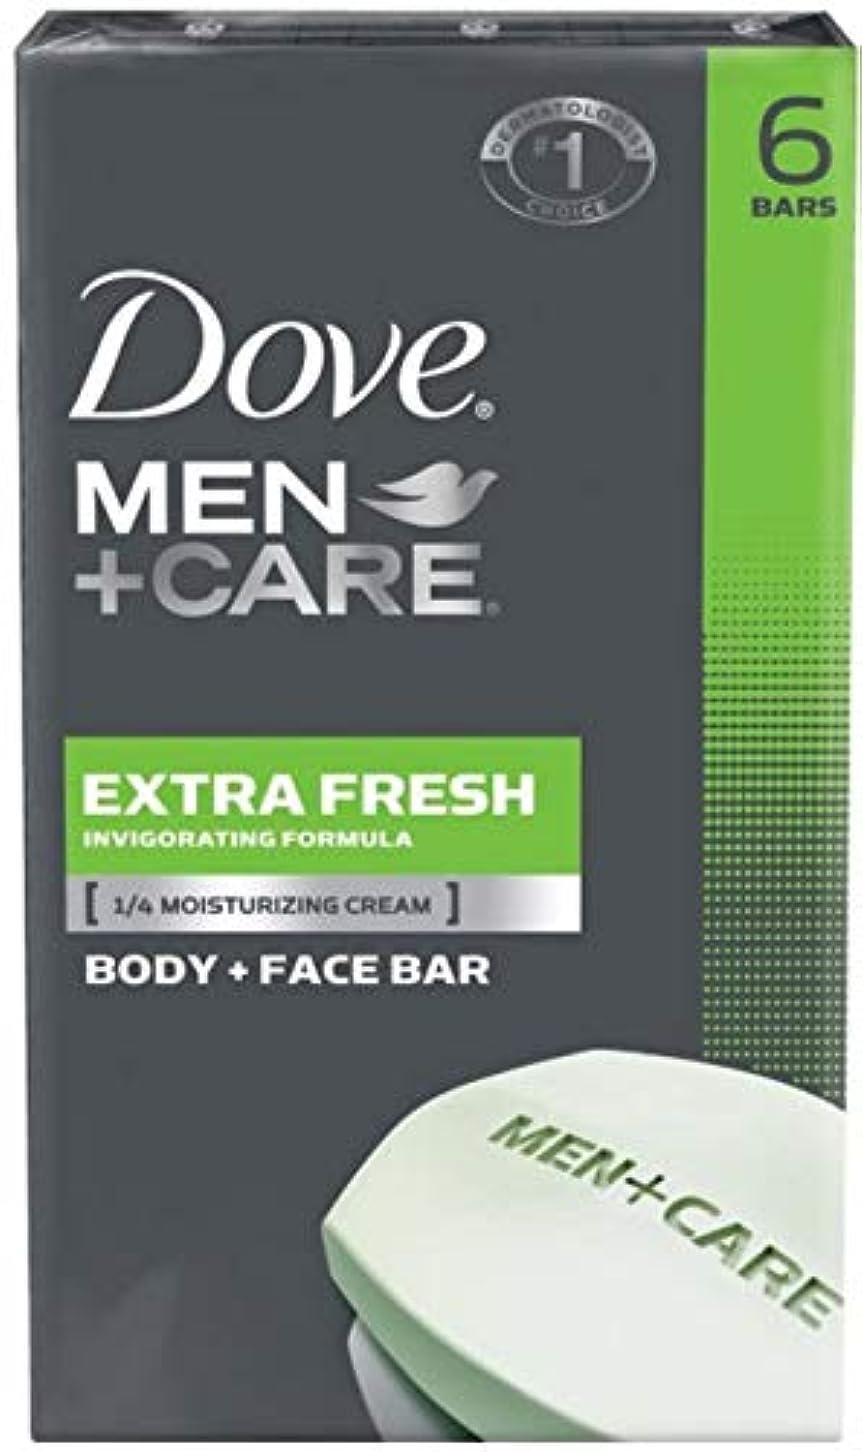 難しいマカダムDove Men + Care Body and Face Bar, Extra Fresh 4oz x 6soaps ダブ メン プラスケア エクストラフレッシュ 固形石鹸 4oz x 6個パック [海外直送品]